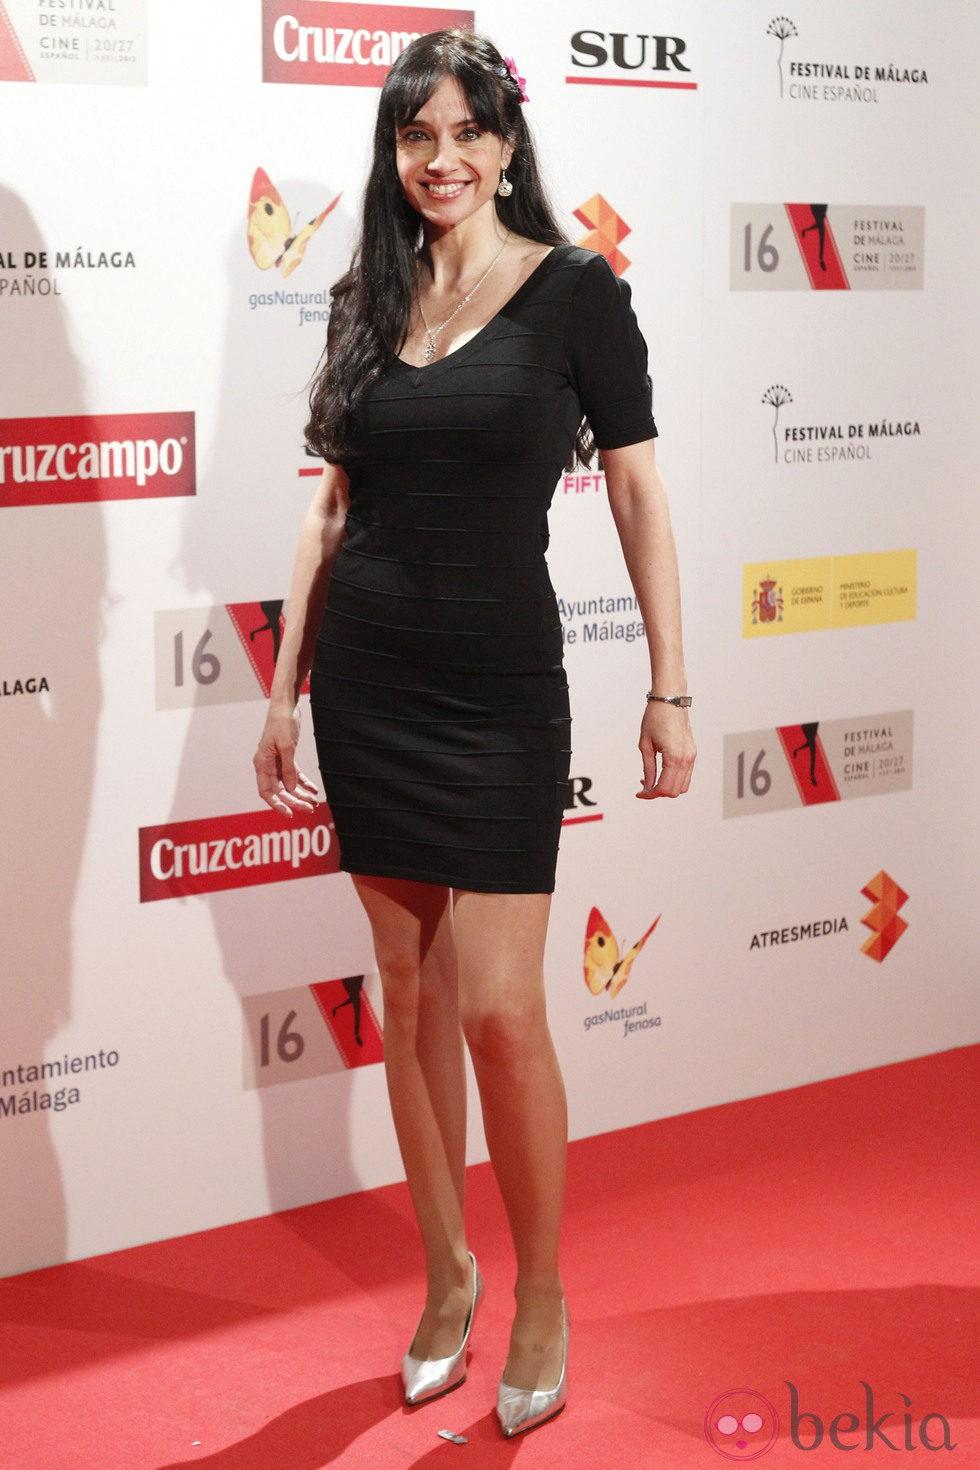 Beatriz Rico En La Presentaci 243 N Del Festival De M 225 Laga